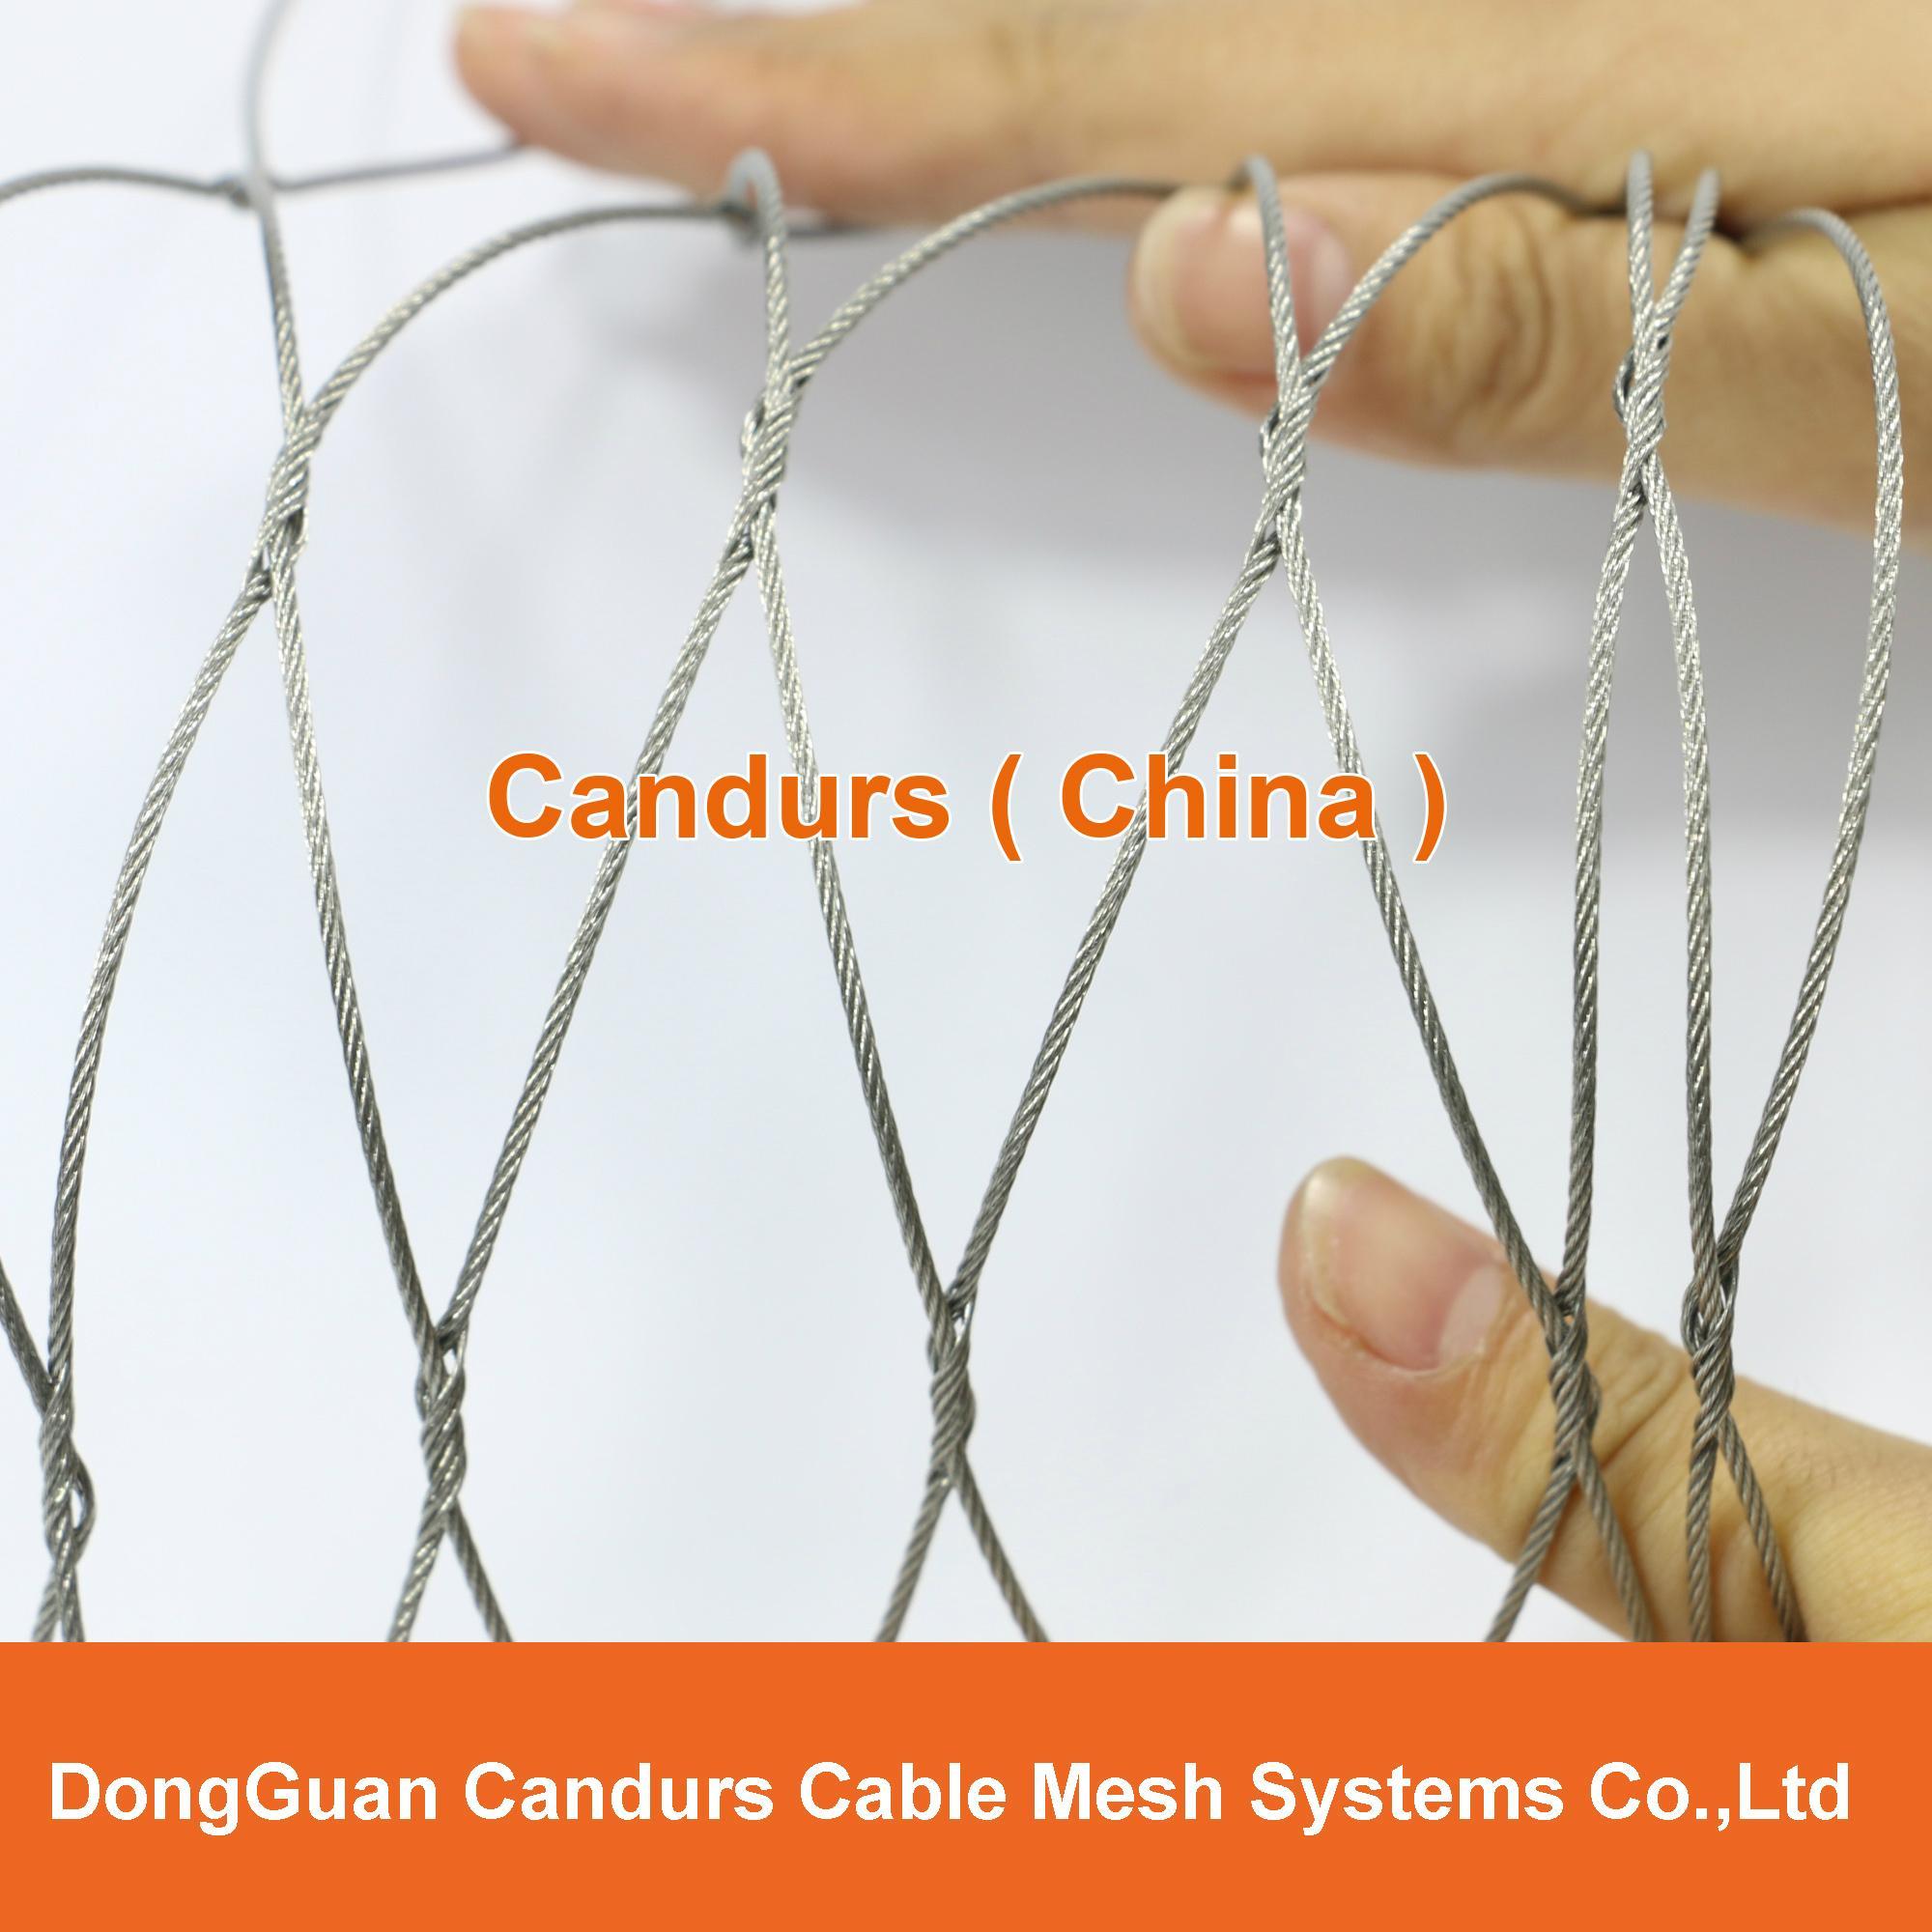 柔性不锈钢丝绳网(编织型) 1